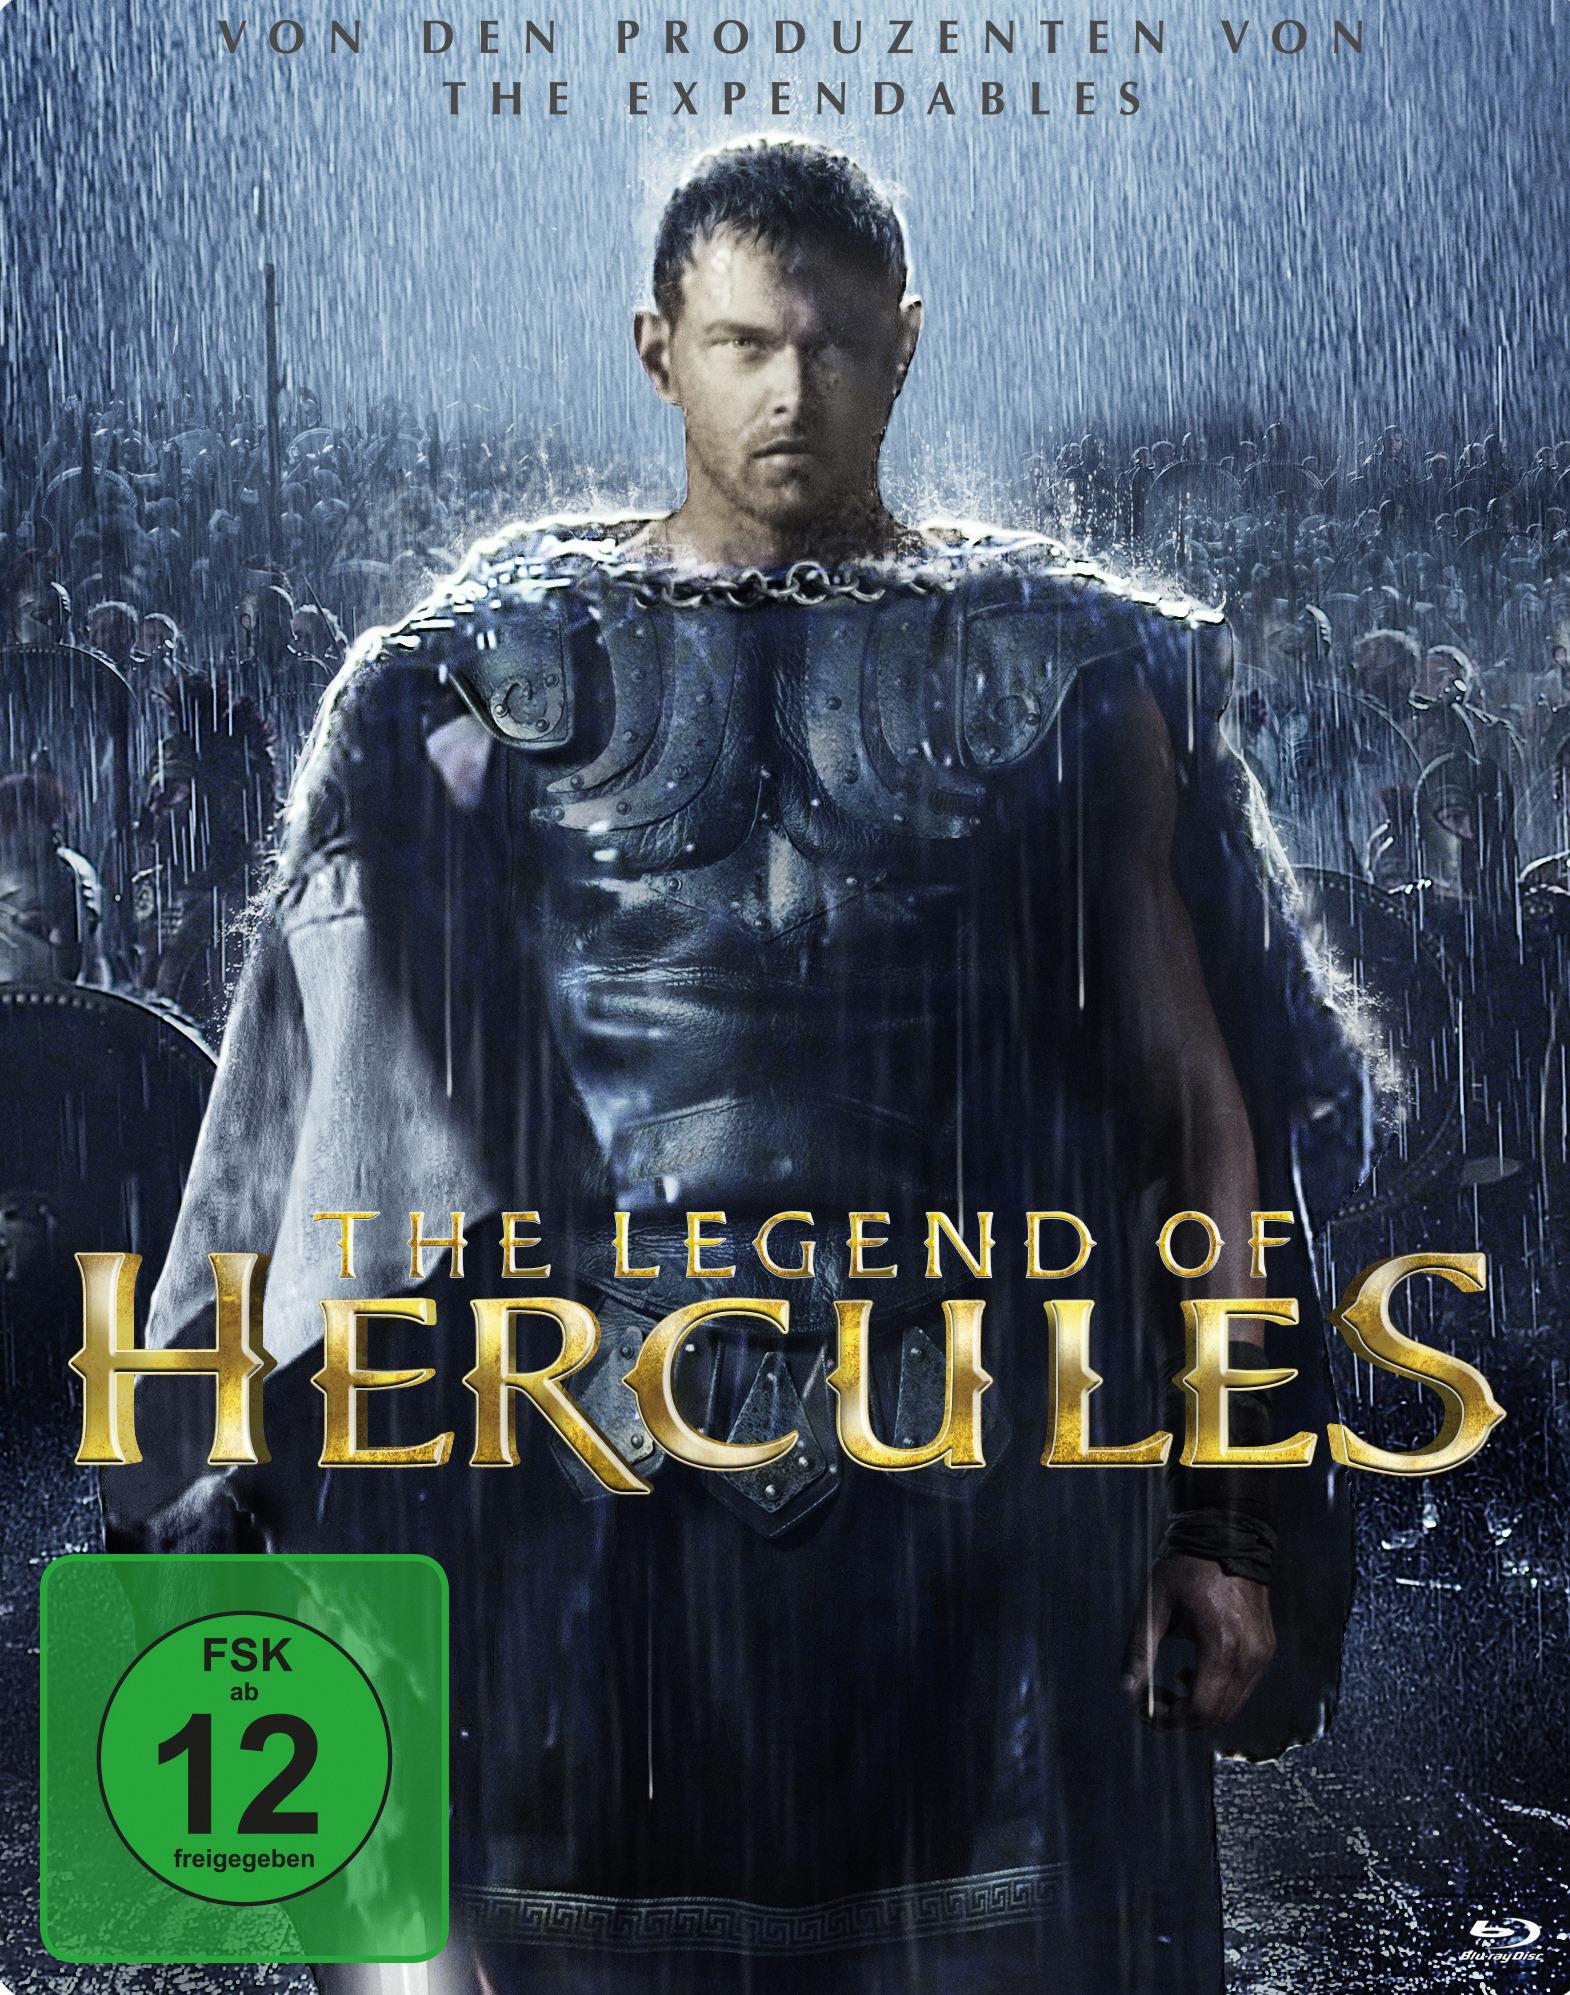 The Legend of Hercules (Steelbook) Poster